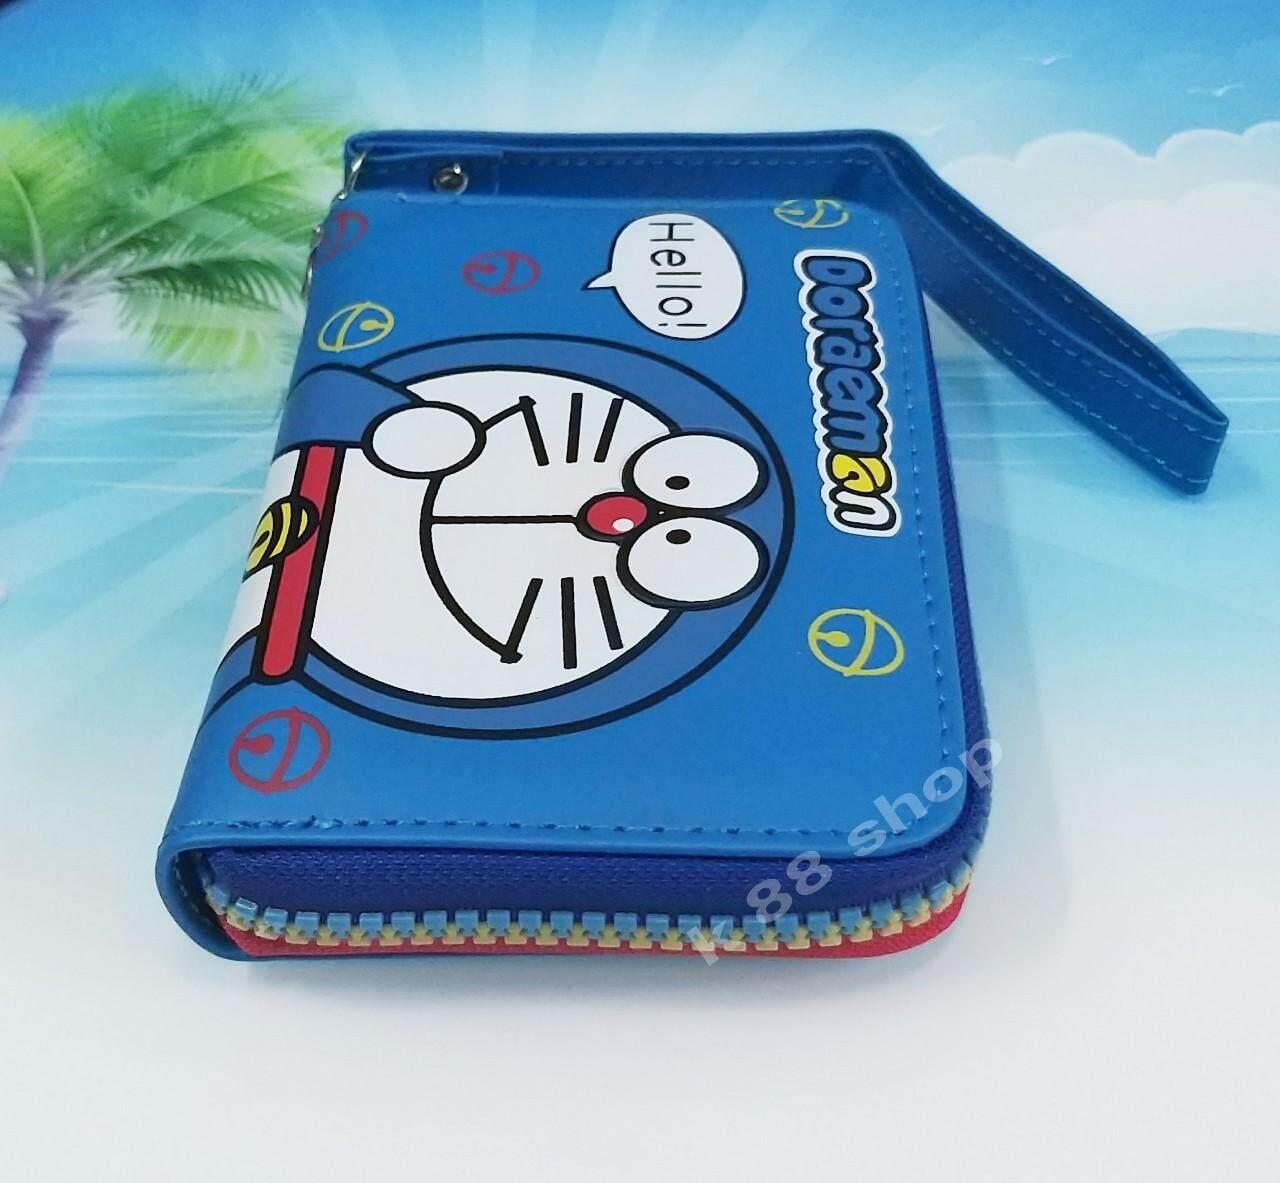 กระเป๋า กระเป๋าสตางค์ ผู้หญิง กระเป๋าตัง กระเป๋าเงิน กระเป๋าใส่เงิน กระเป๋าใส่บัตร กระเป๋าใส่นามบัตร ลายใหม่ล่าสุด ( ขนาด 9x13 Cm. ) By K 88 Shop.